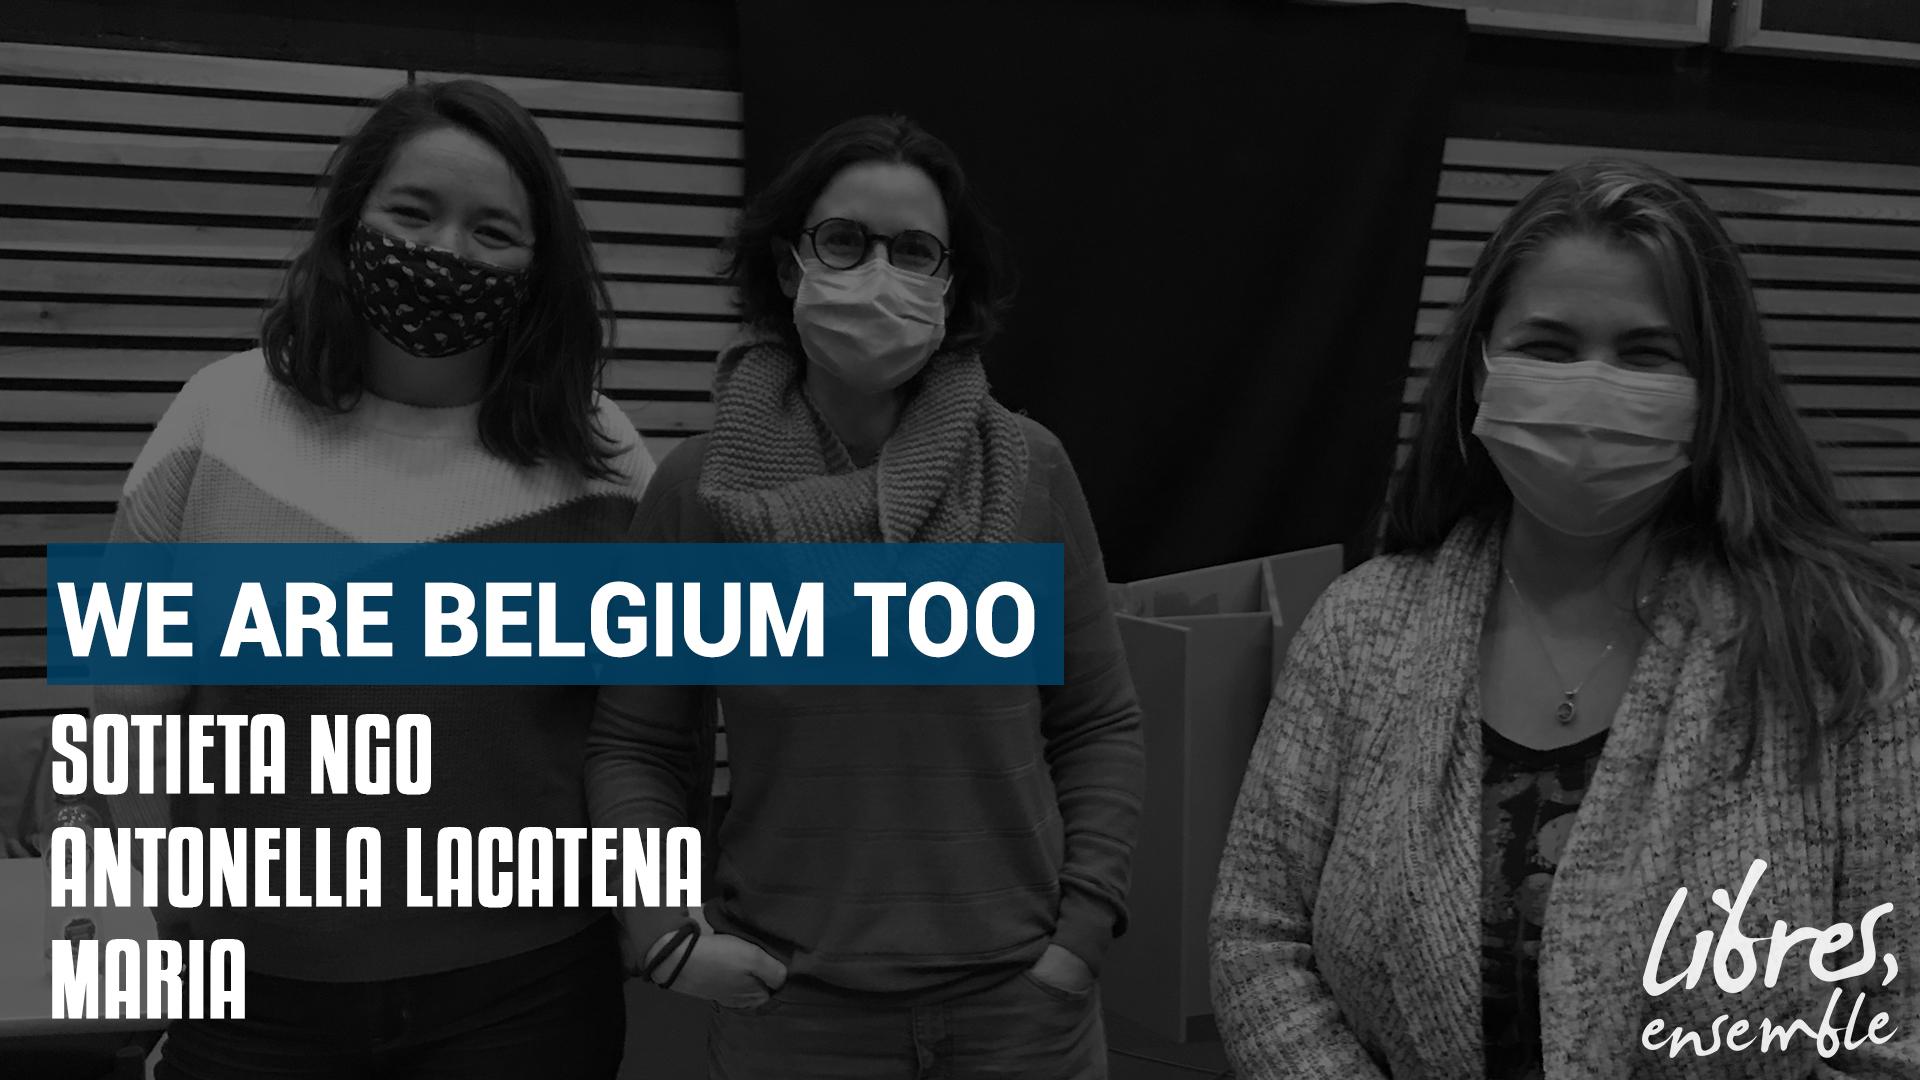 We are Belgium too